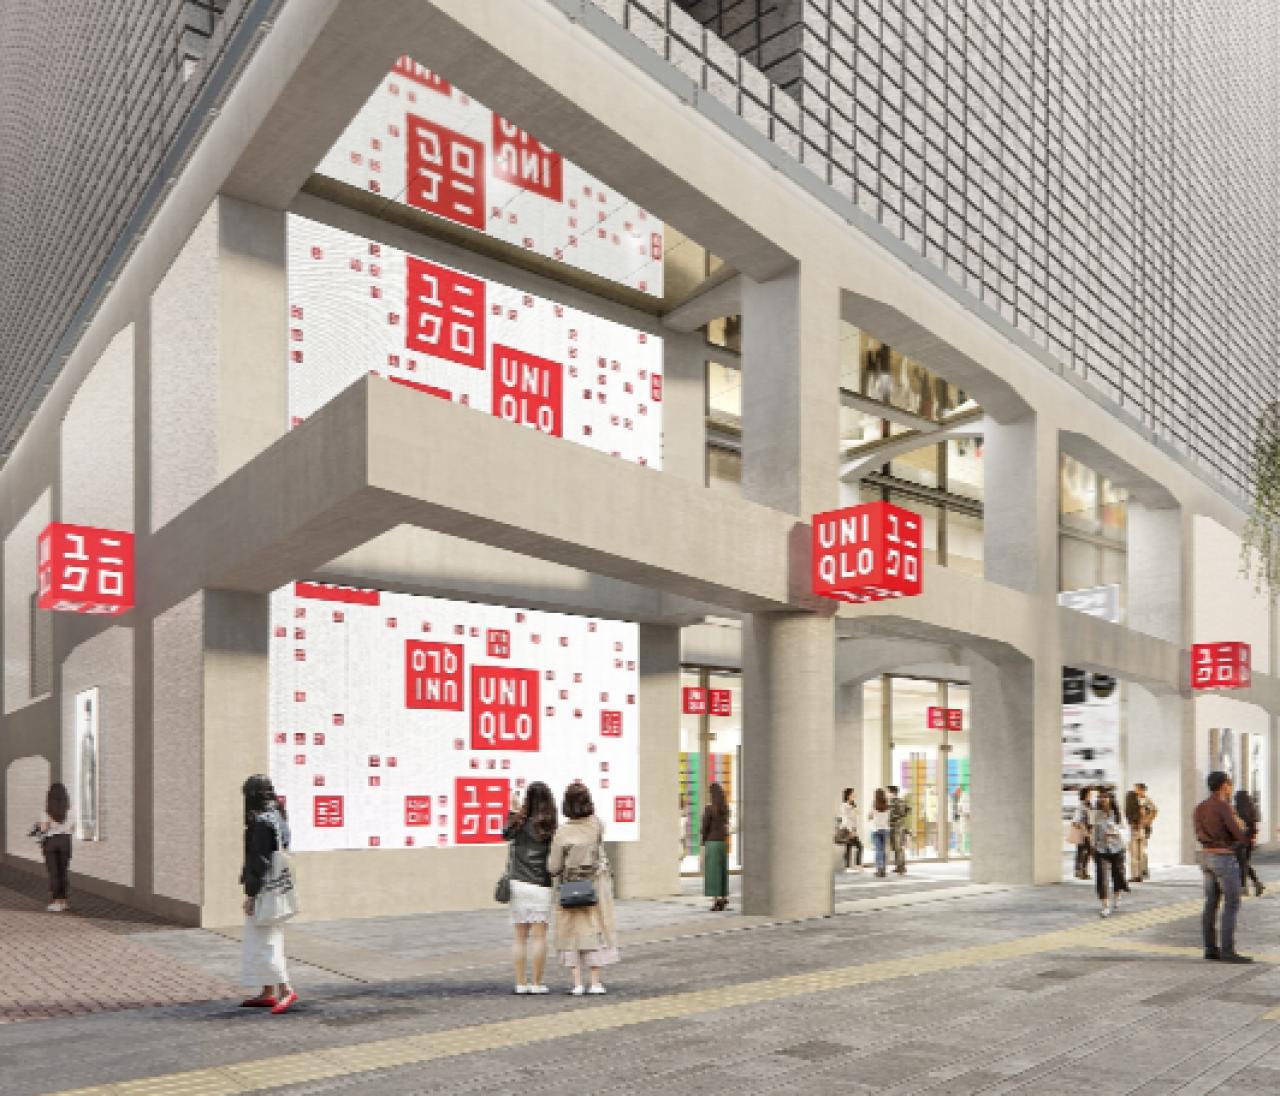 """【ユニクロ(UNIQLO)&ジーユー(GU)】が""""見たことのない""""新店舗オープンラッシュ攻勢スタート! 2020年春は横浜・原宿・銀座へ"""